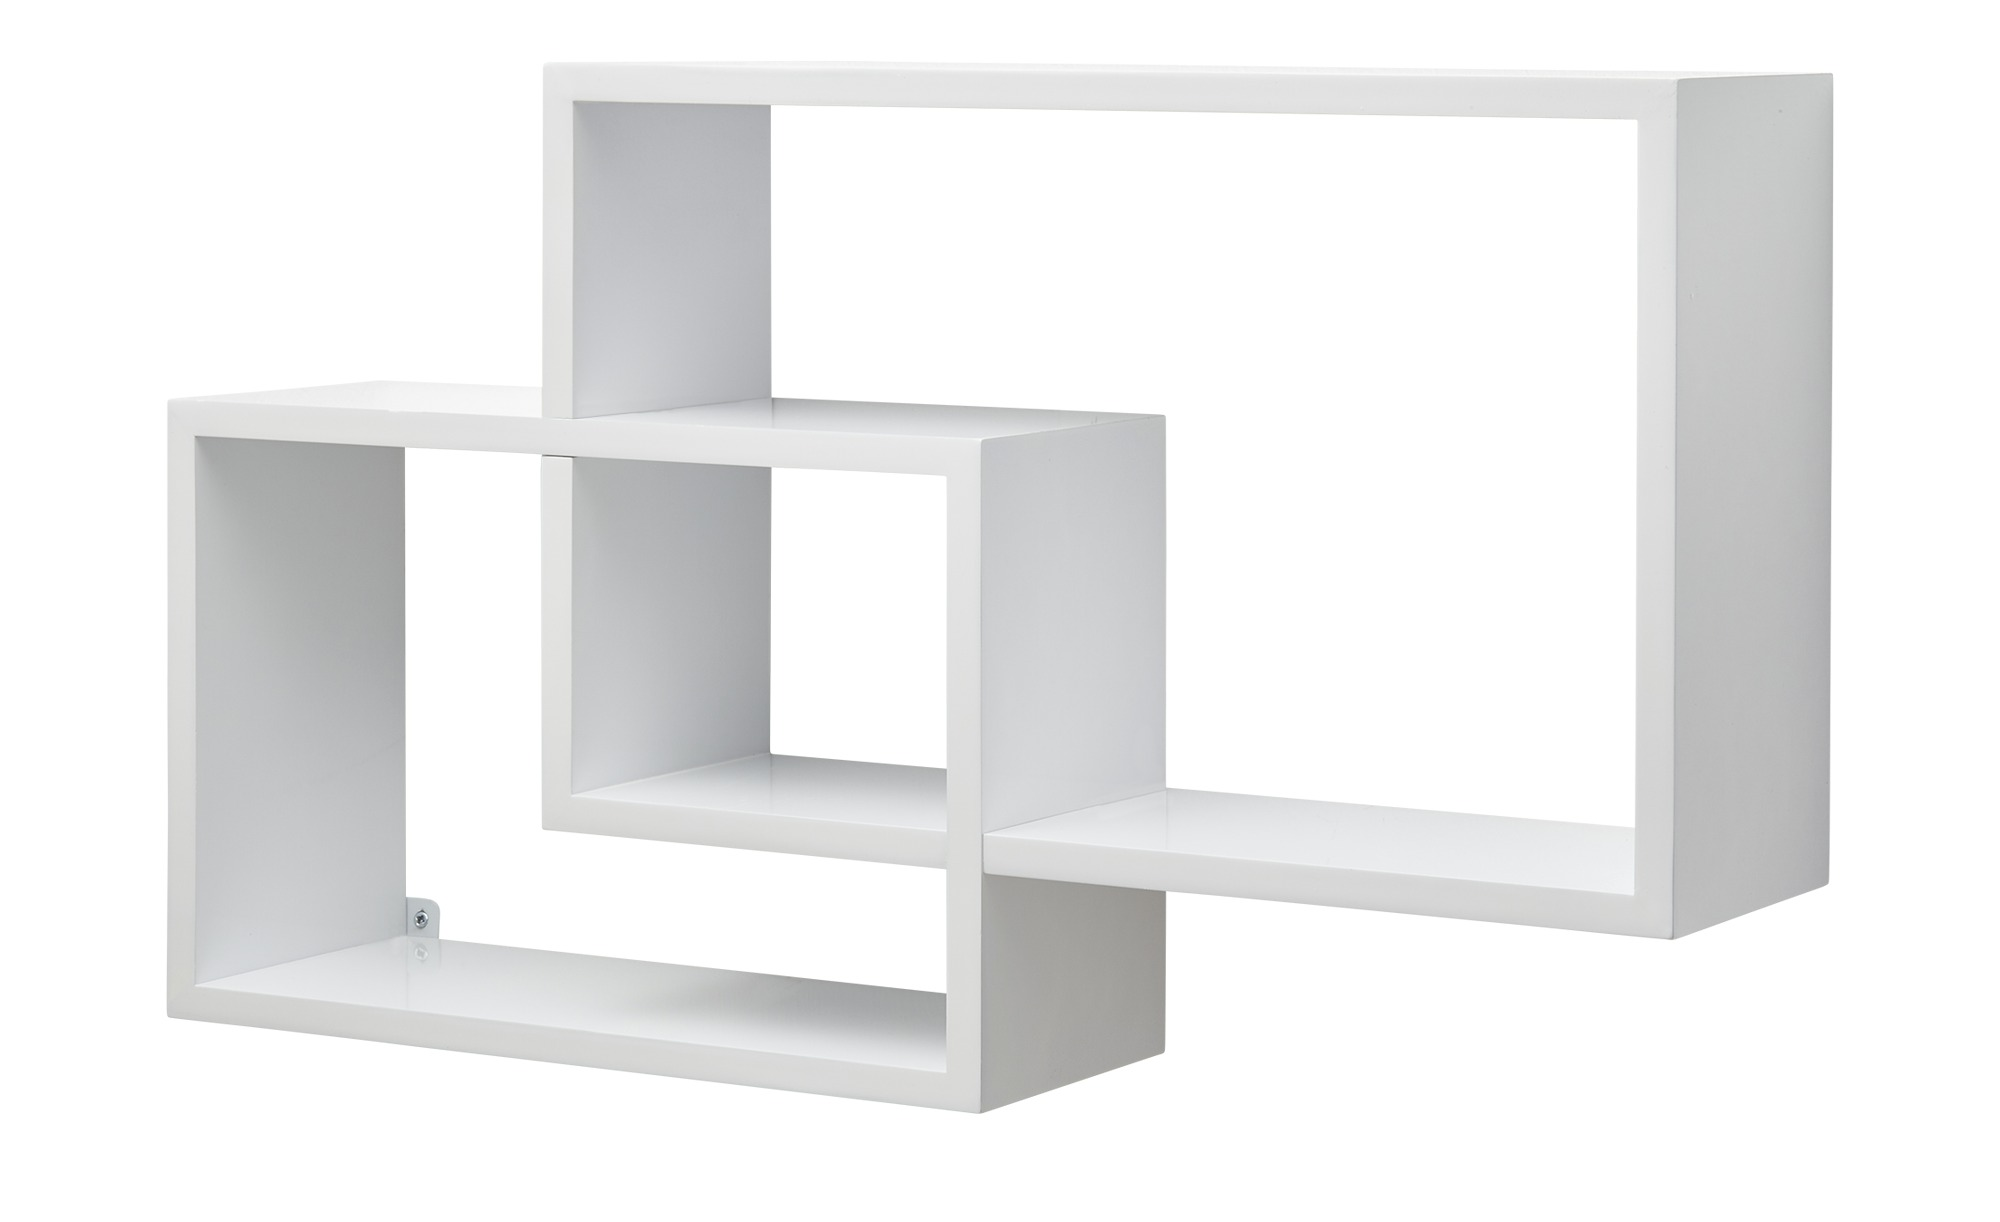 Wandregal 2er-Set Hochglanz weiß, gefunden bei Möbel Kraft